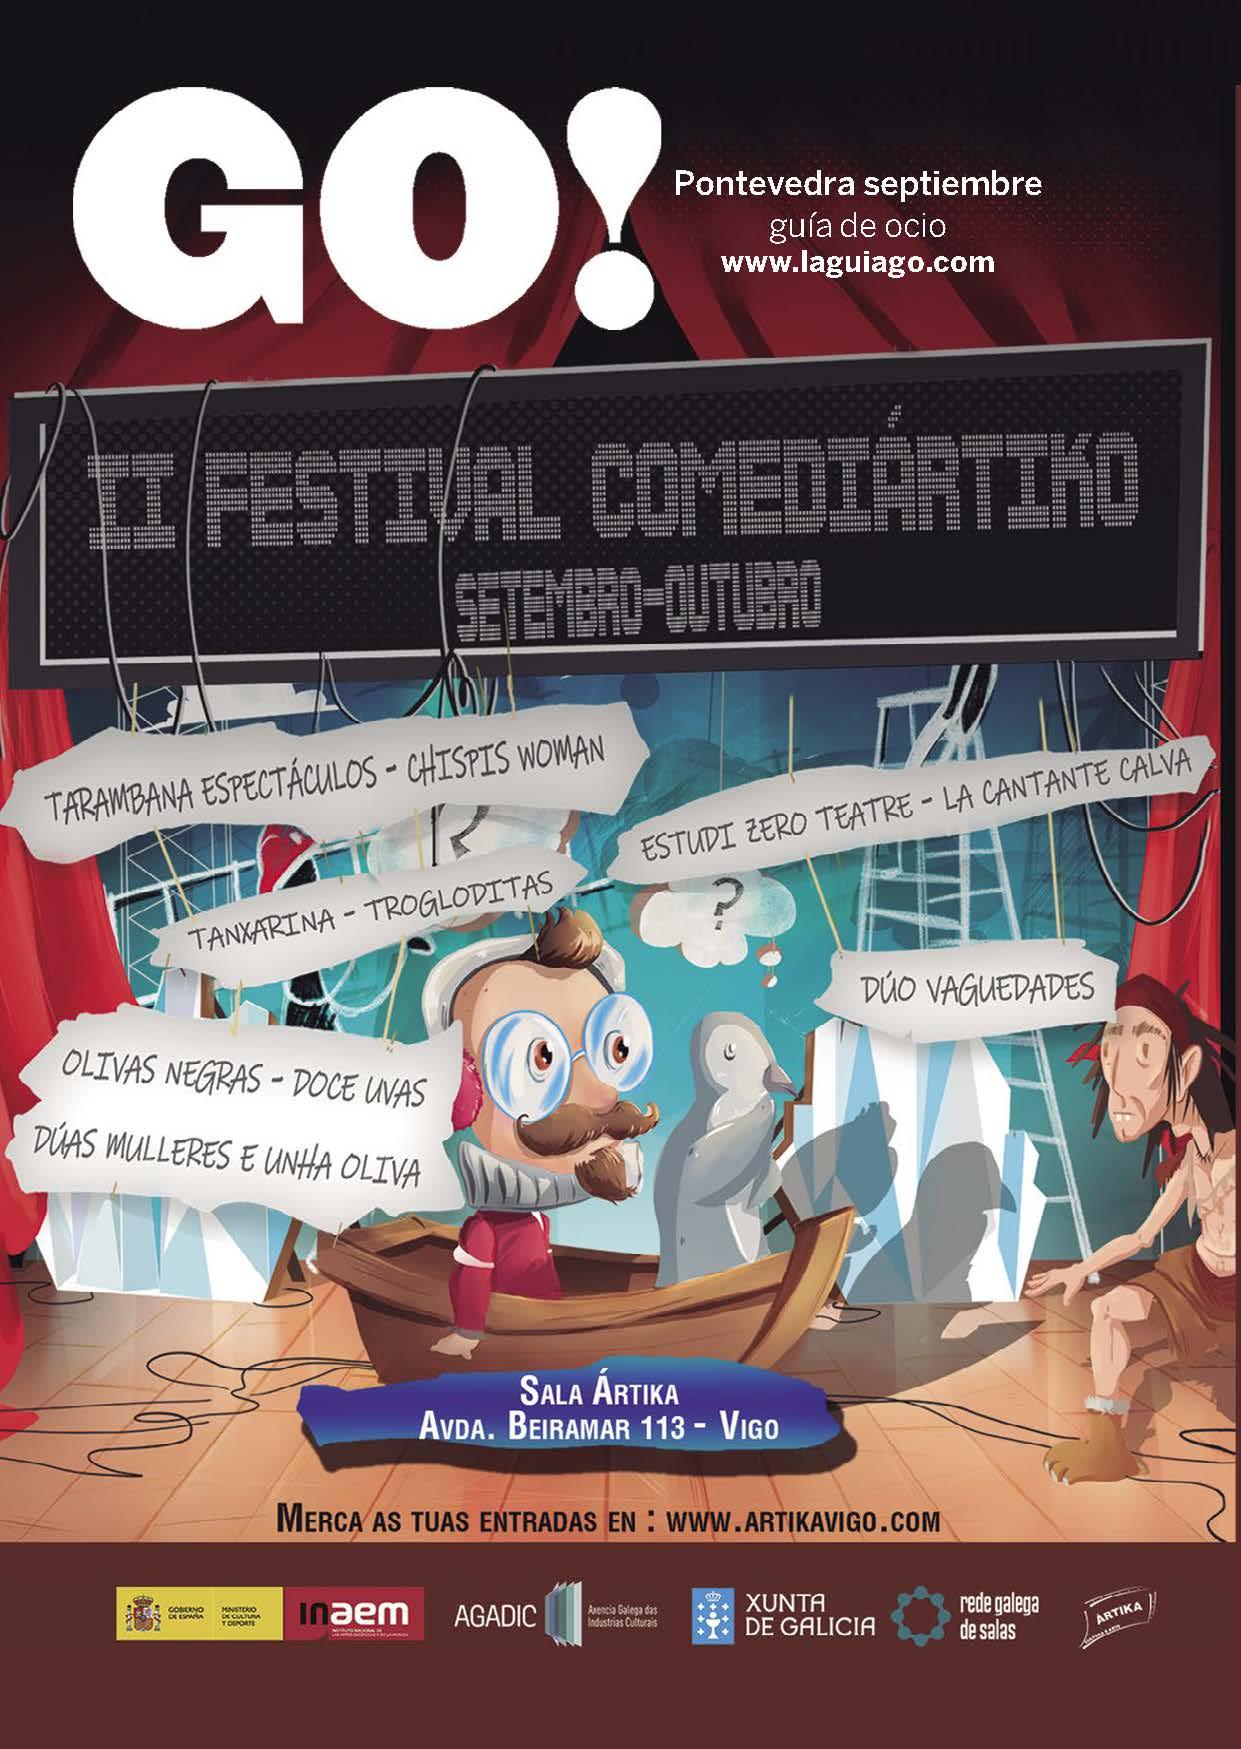 Portada Revista LaGuiaGO Pontevedra septiembre